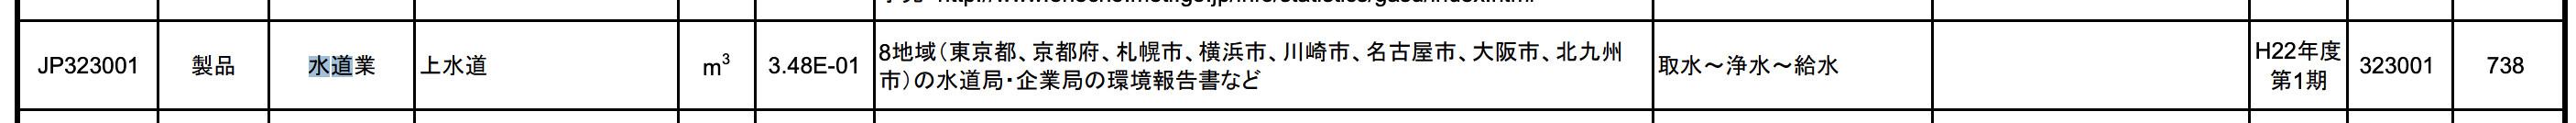 スクリーンショット 2021-01-18 7.26.42